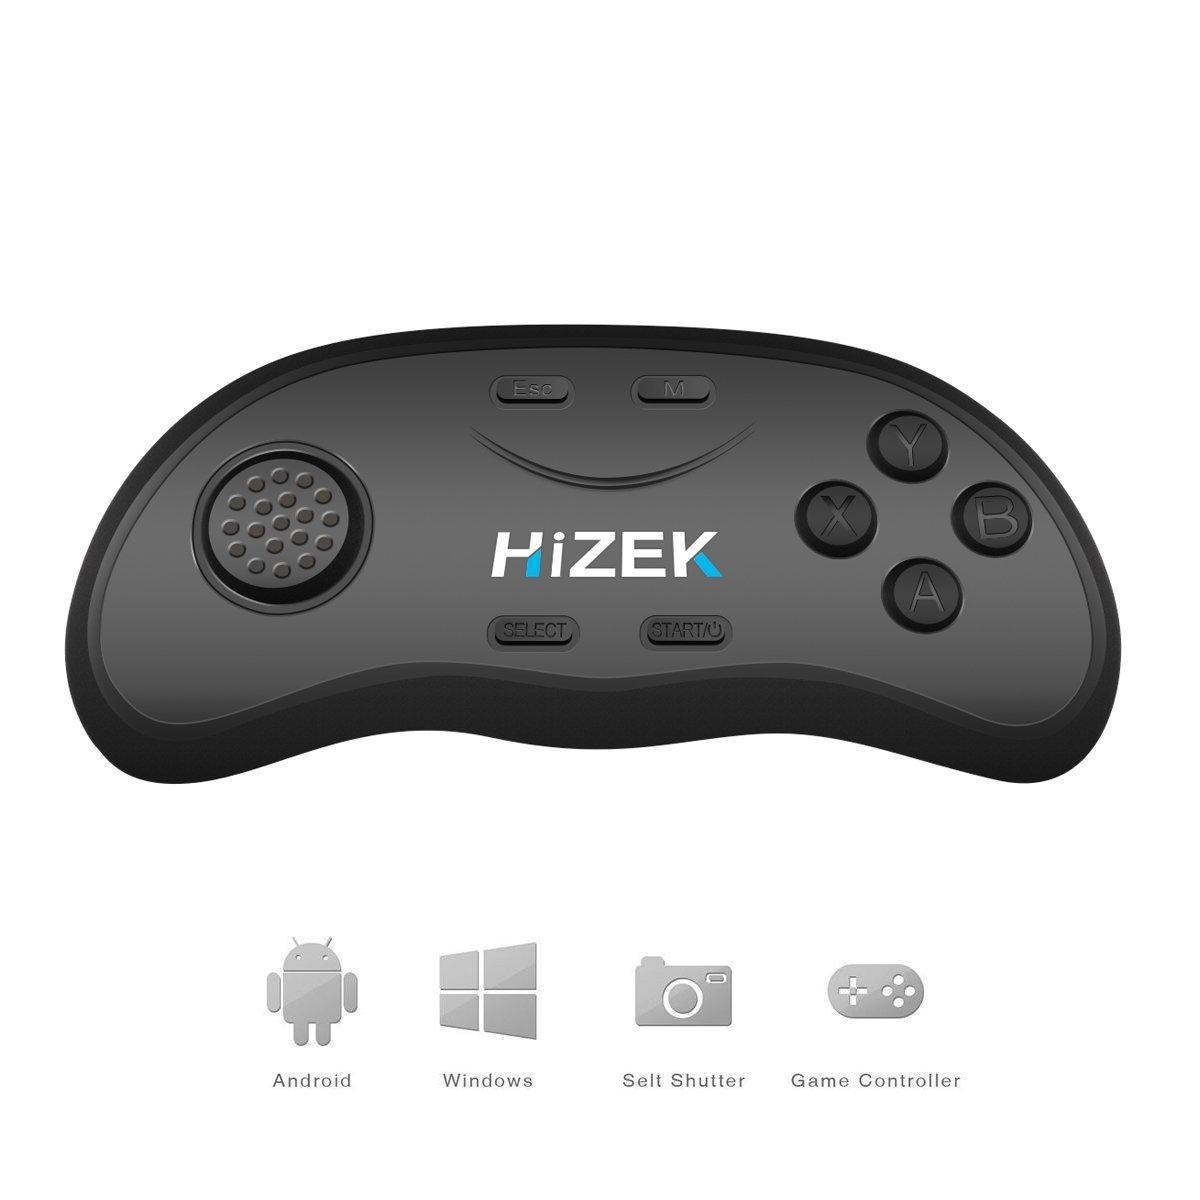 Hizek HZ-RC2 Bluetooth пульт дистанционного управления беспроводной геймпады мыши музыкальный проигрыватель для Ios андроид ПК 1TopShop